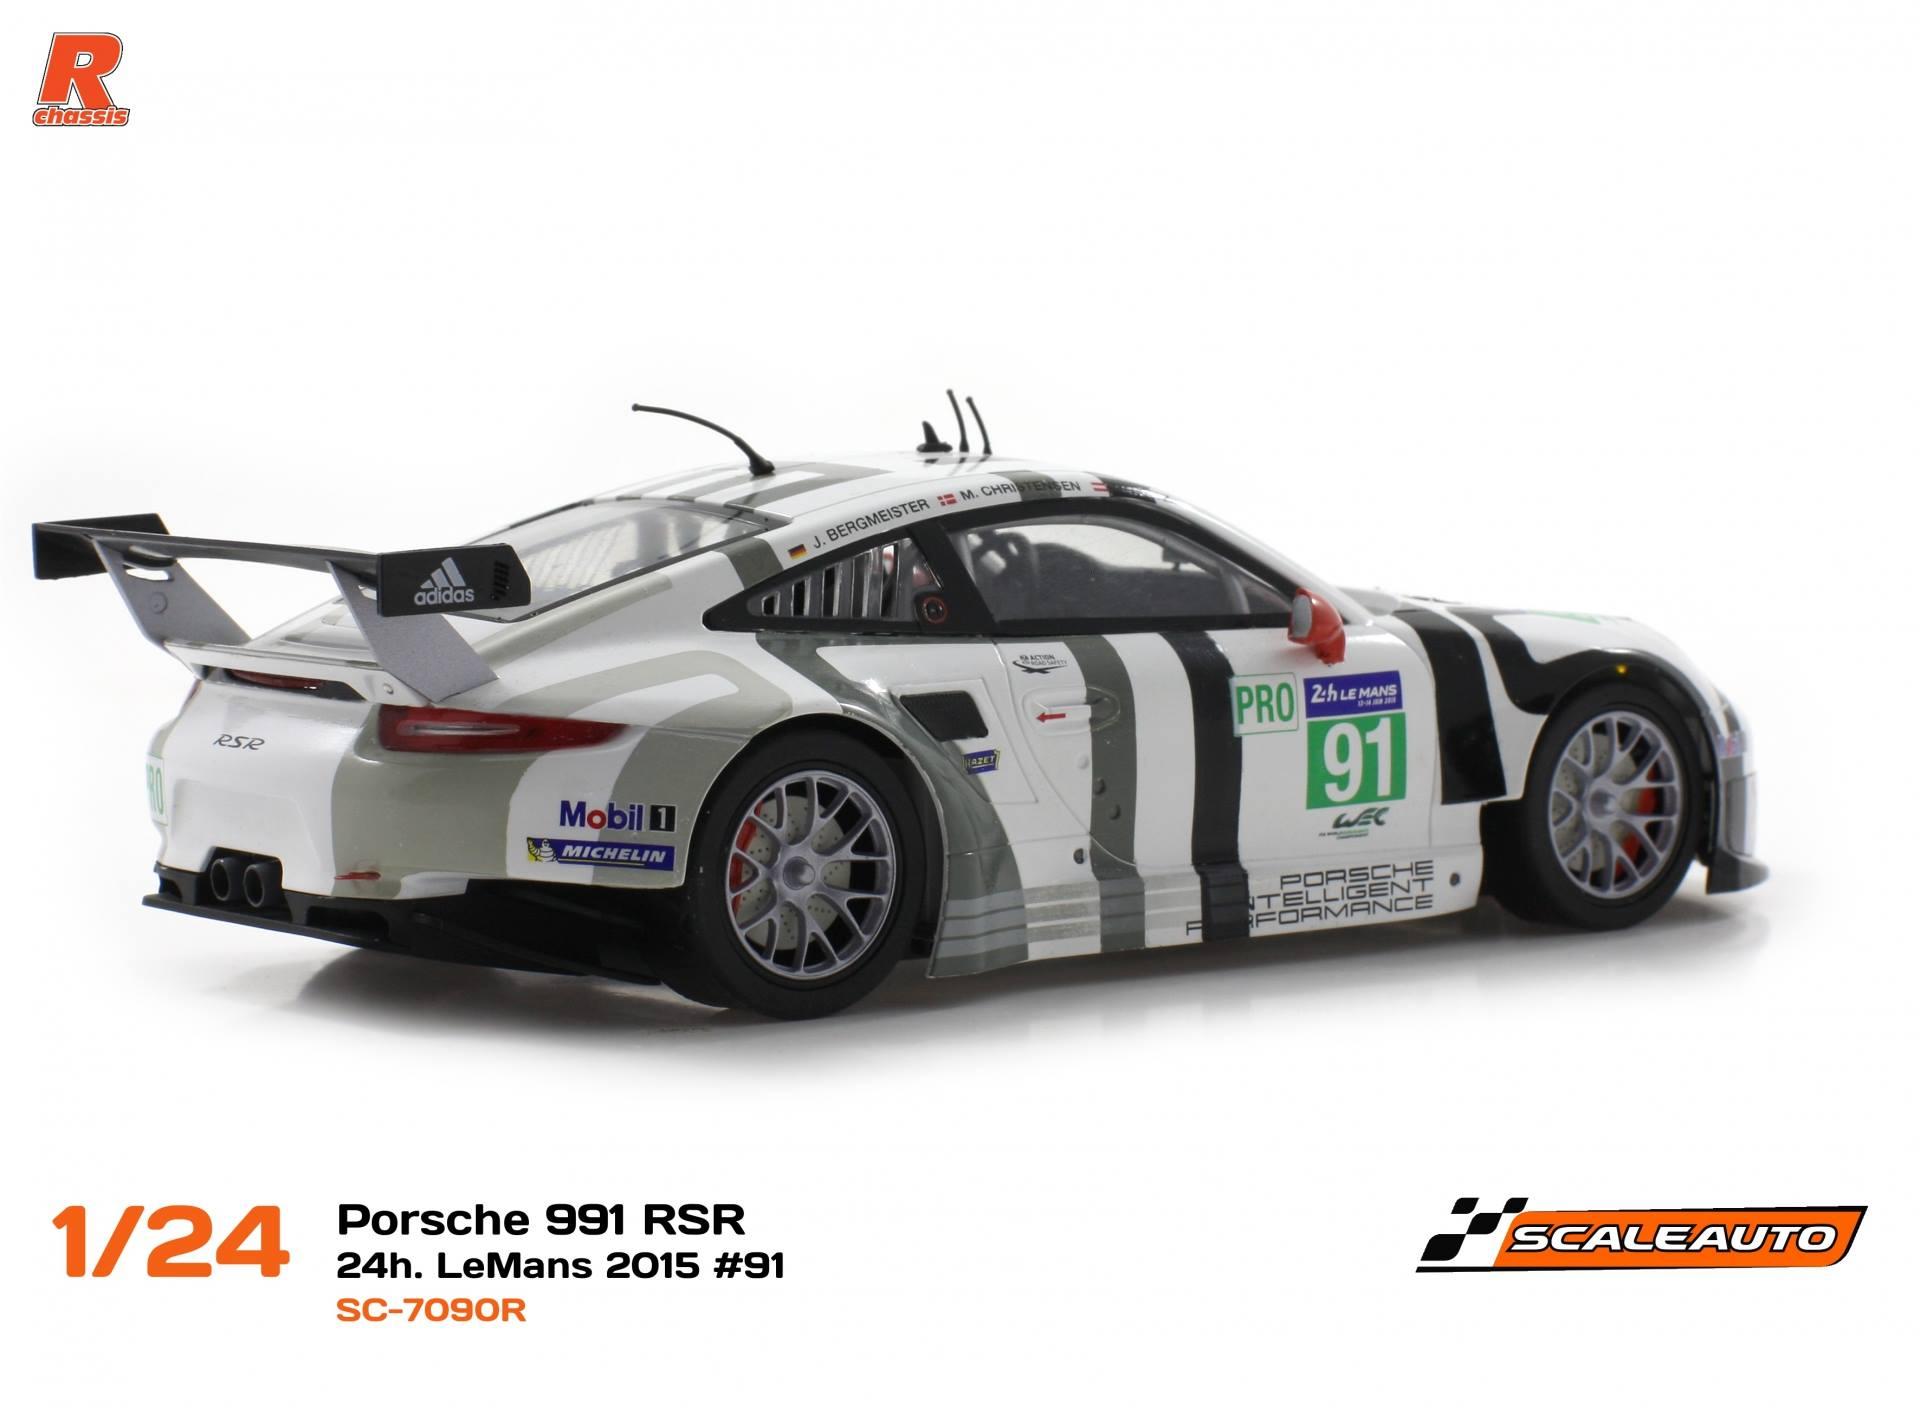 """<img class=""""size-full wp-image-24182"""" src=""""https://www.letratslot.com/wp-content/uploads/2018/09/40994723_2167044356851884_2755456923246526464_o.jpg"""" alt=""""SC-7090HS Porsche 991 GT3 RSR 24h. LeMans 2015 # 91 avec le châssis HS124."""" width=""""1920"""" height=""""1408"""" srcset="""